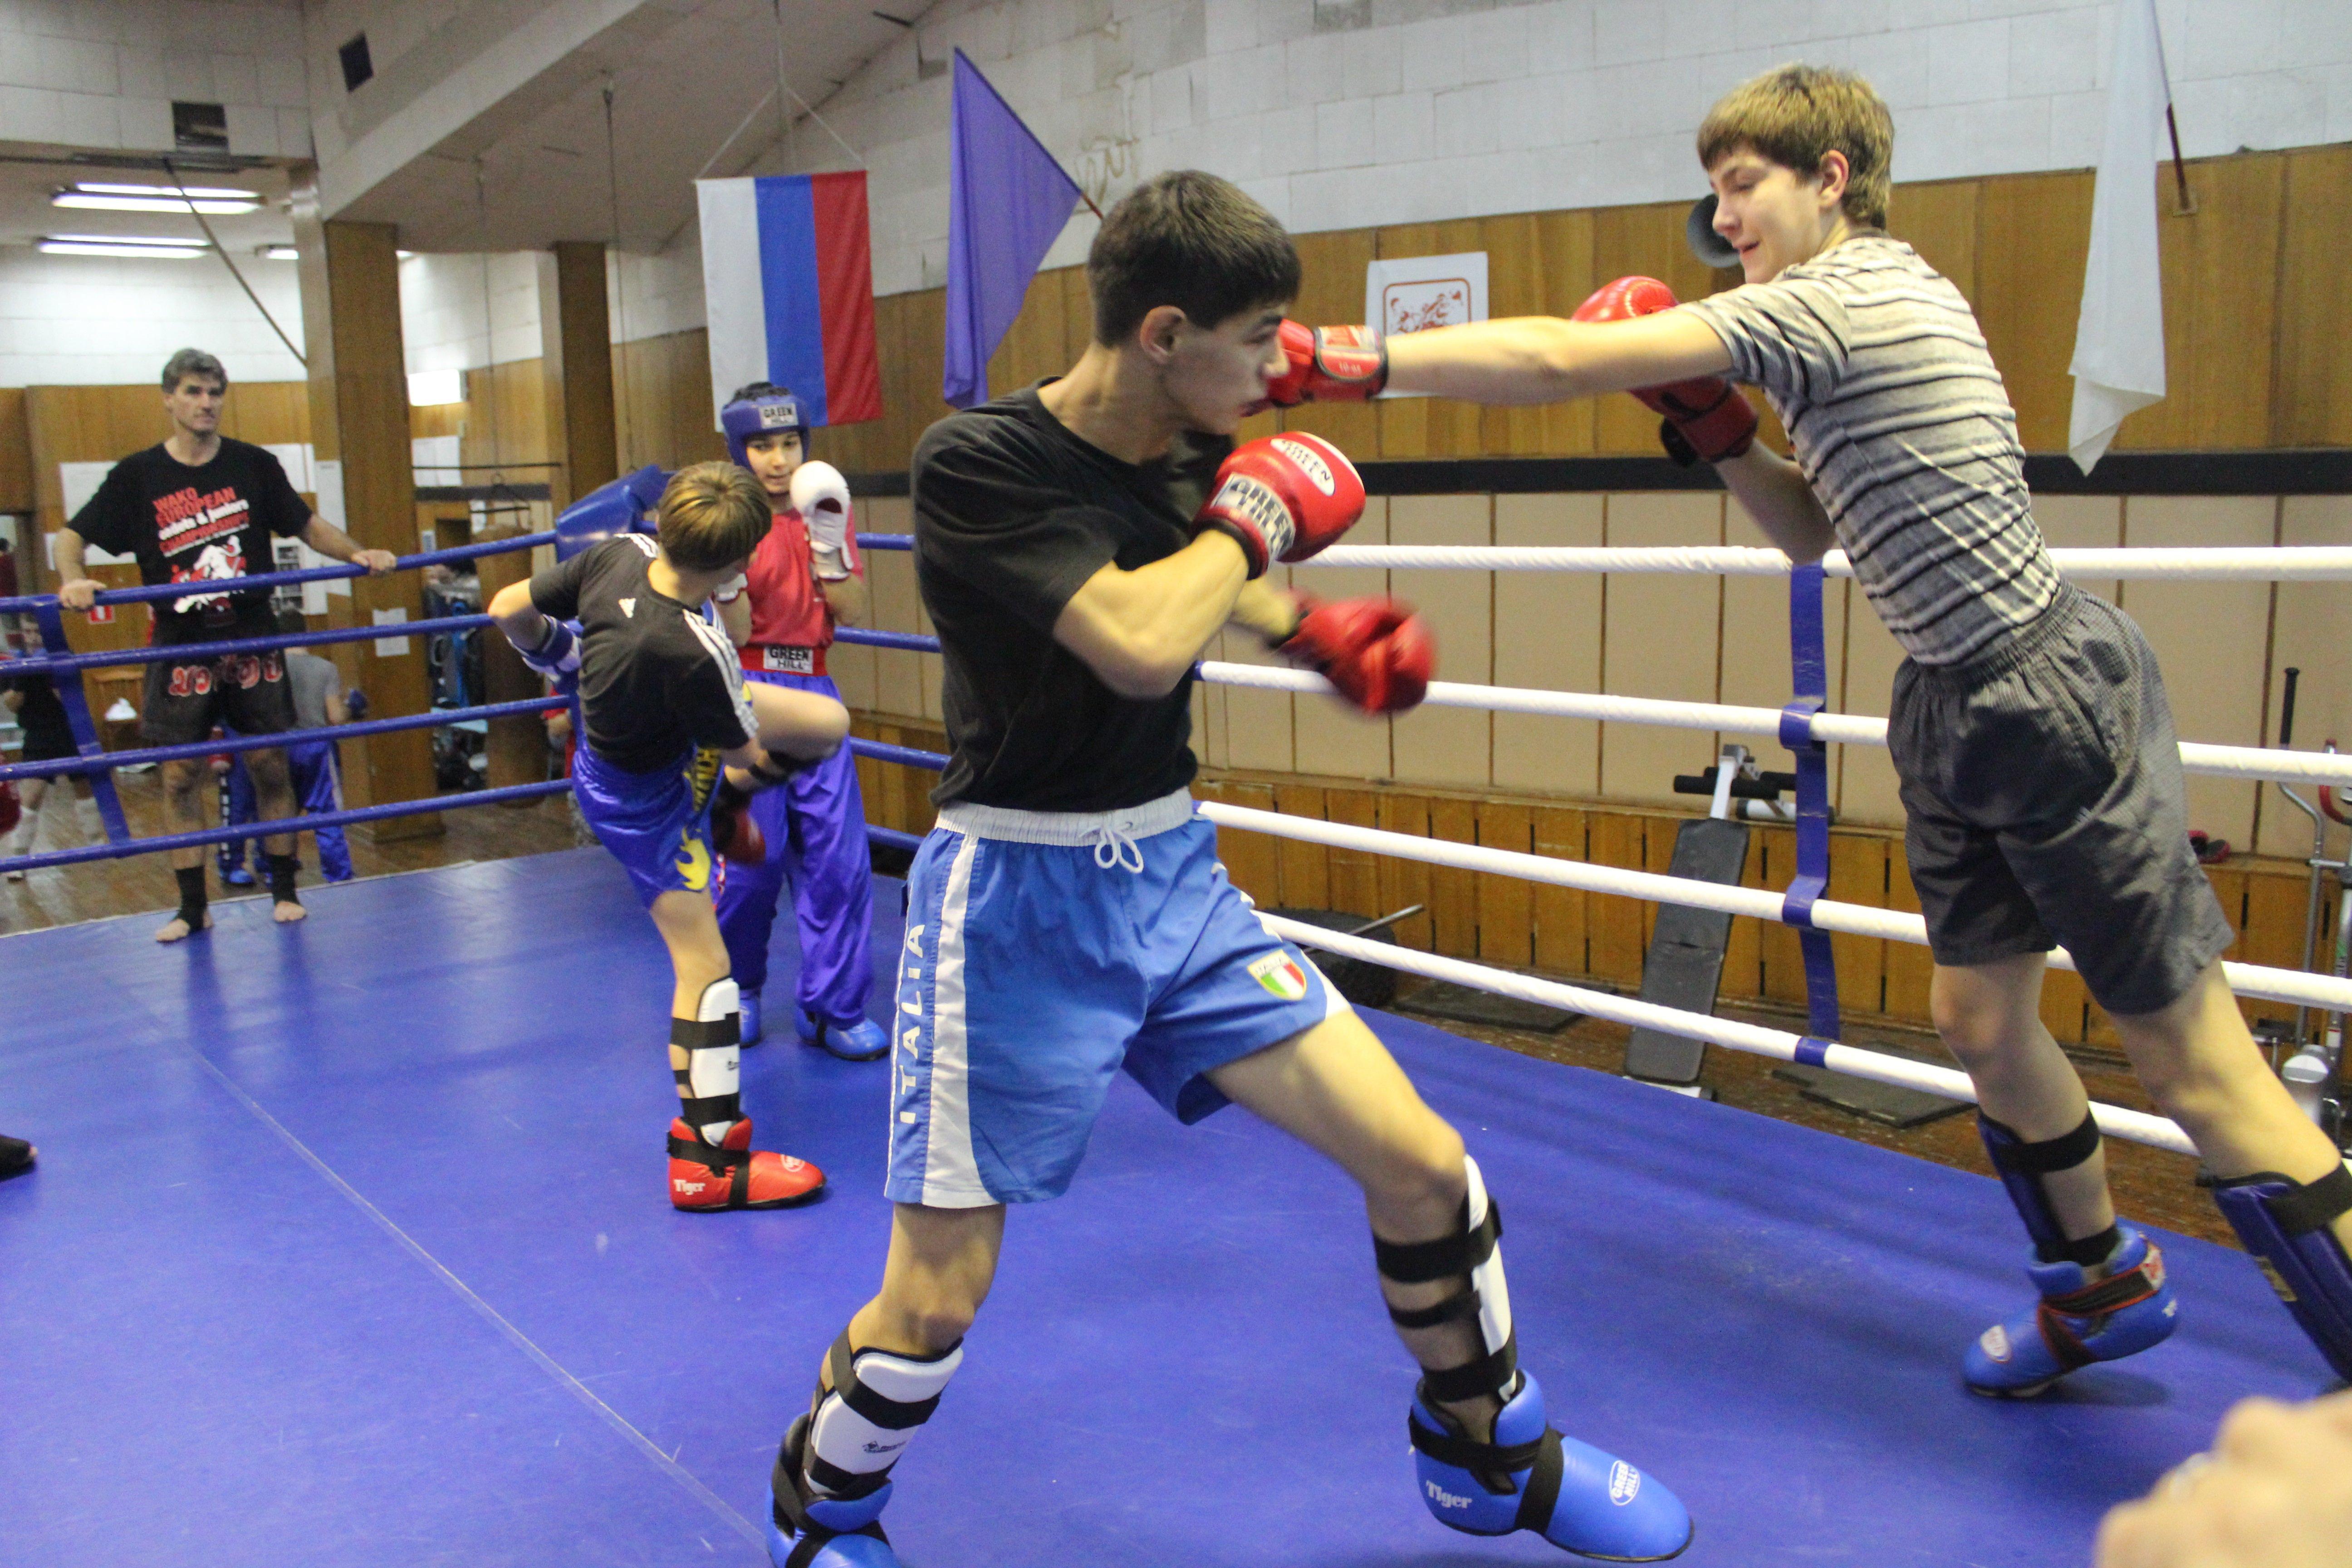 Секция бокса в москве, тренировки для начинающих, детей, девушек, женщин и мужчин